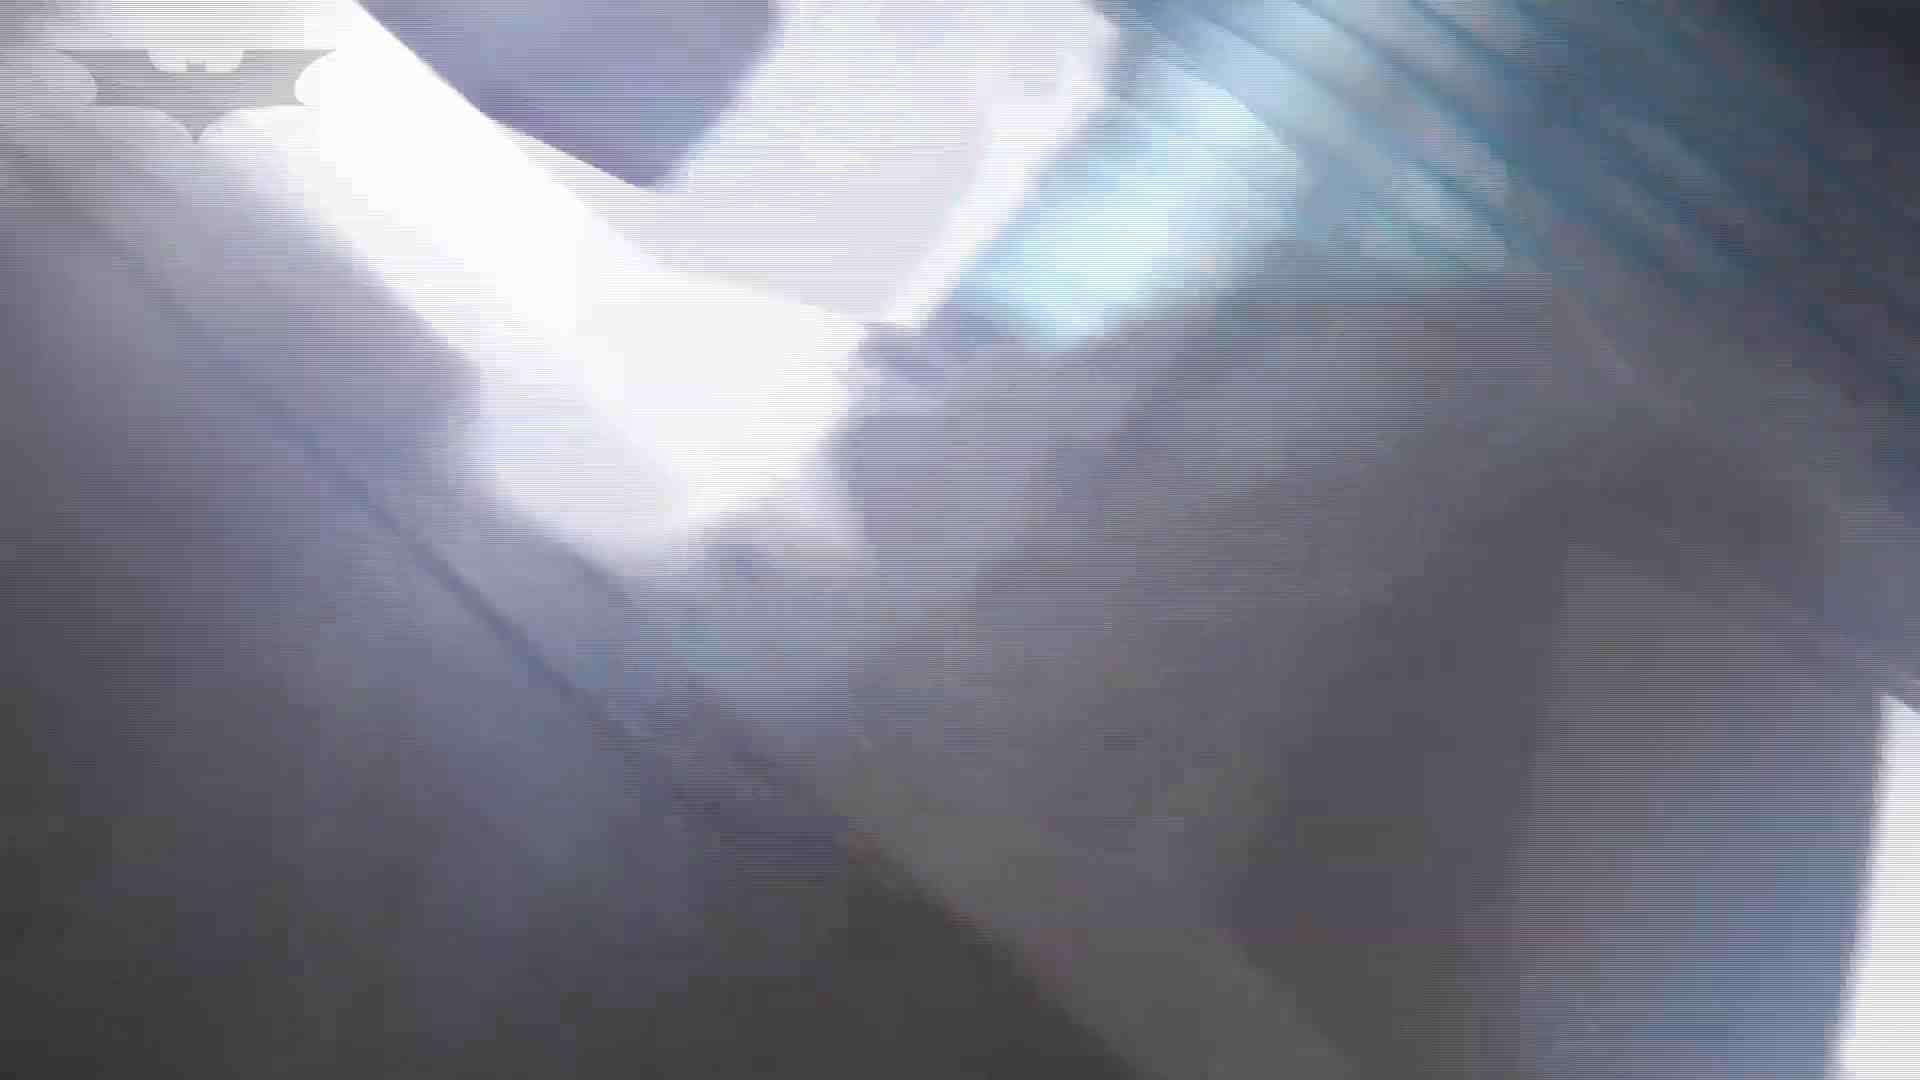 潜入!!台湾名門女学院 Vol.05 15センチ以上の濃厚糸を垂らしながら爽快 美女のボディ   盗撮  82PIX 57